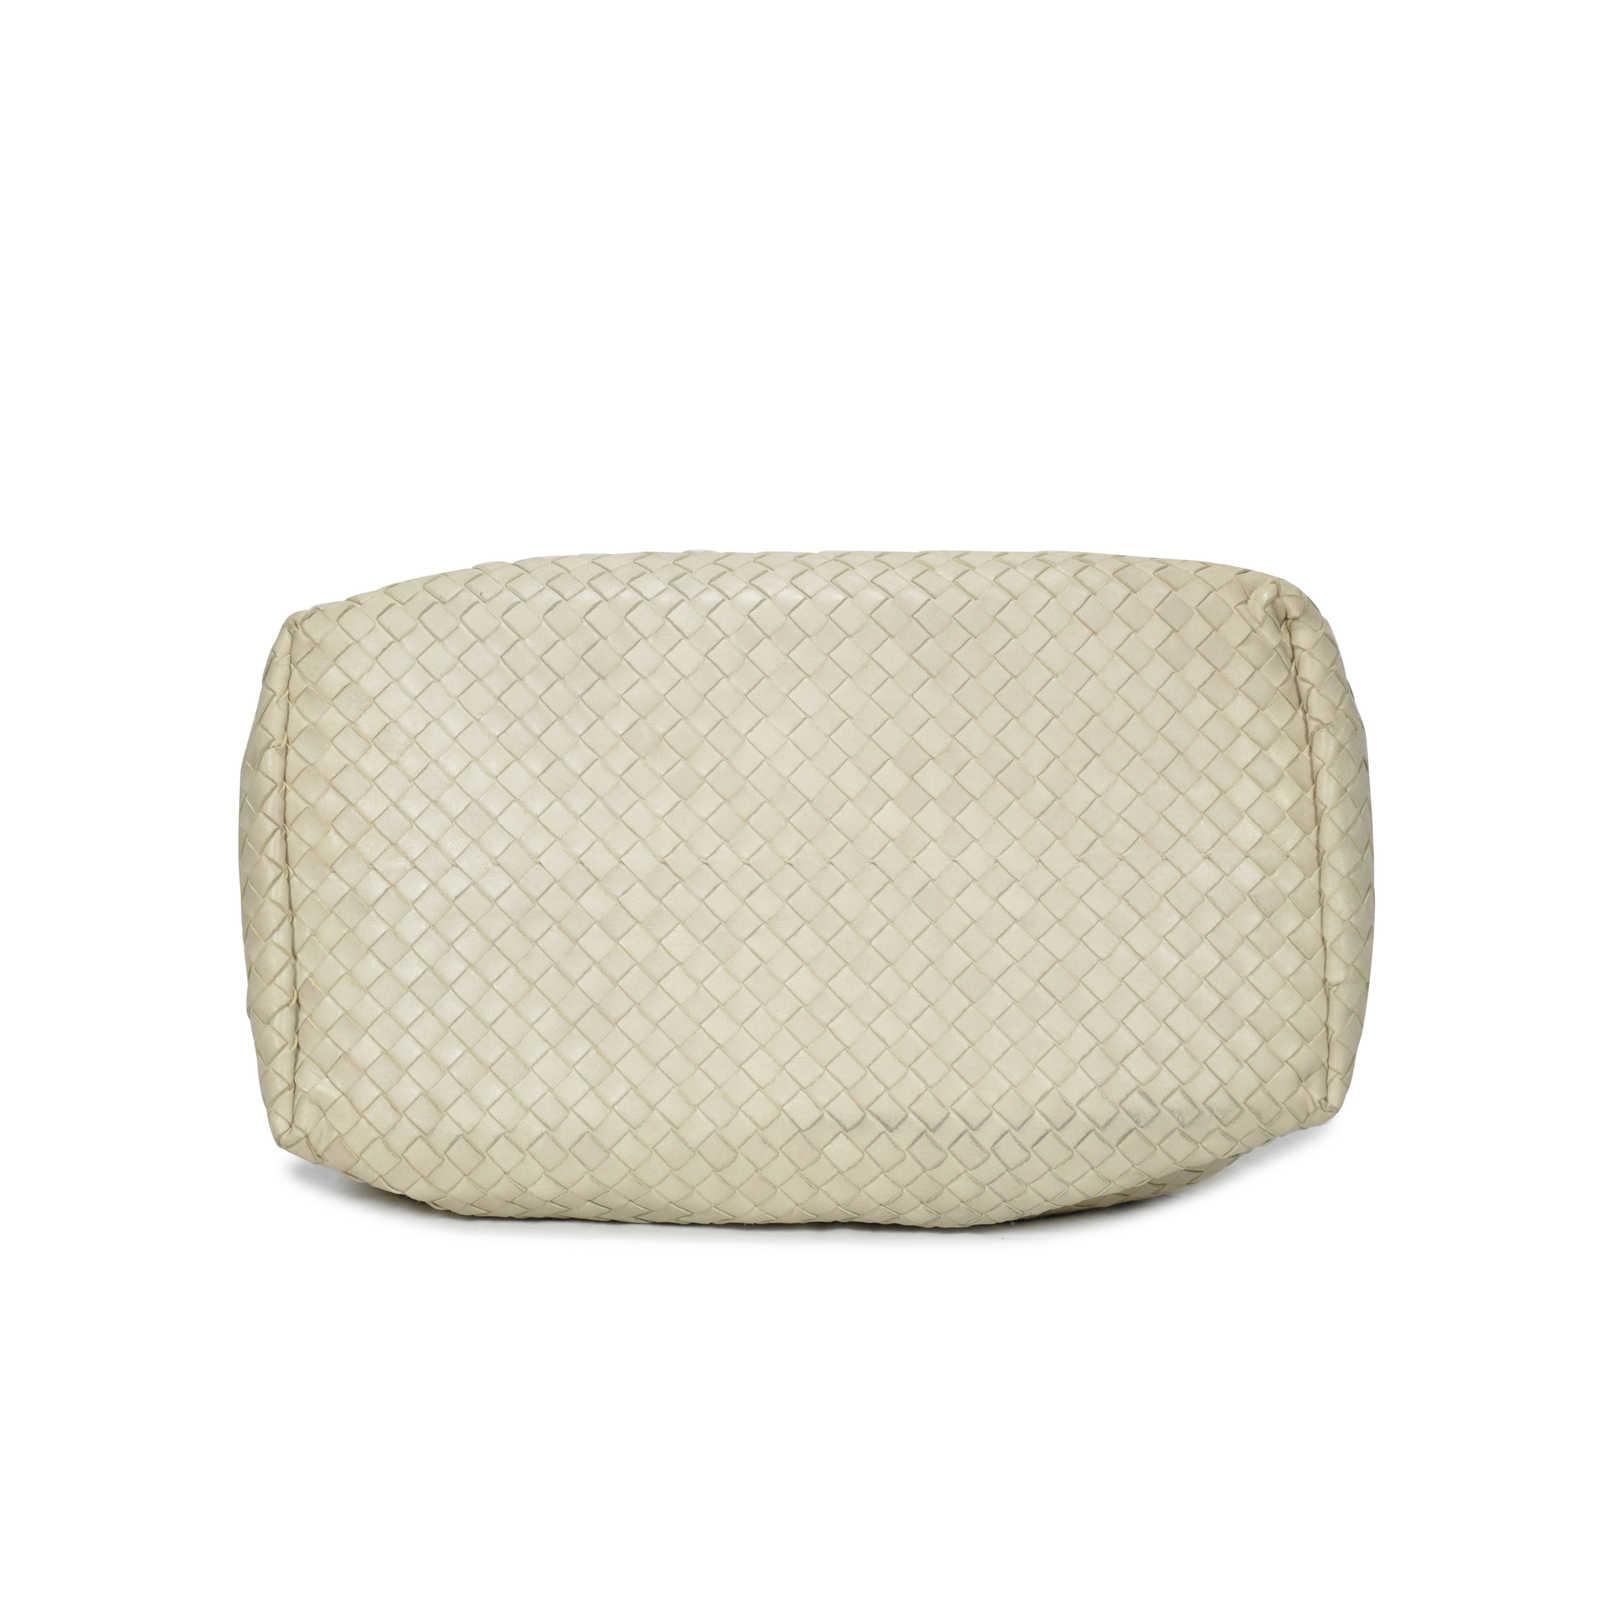 80f6933fd5 ... Authentic Second Hand Bottega Veneta Medium Roma Bag (PSS-249-00002) ...